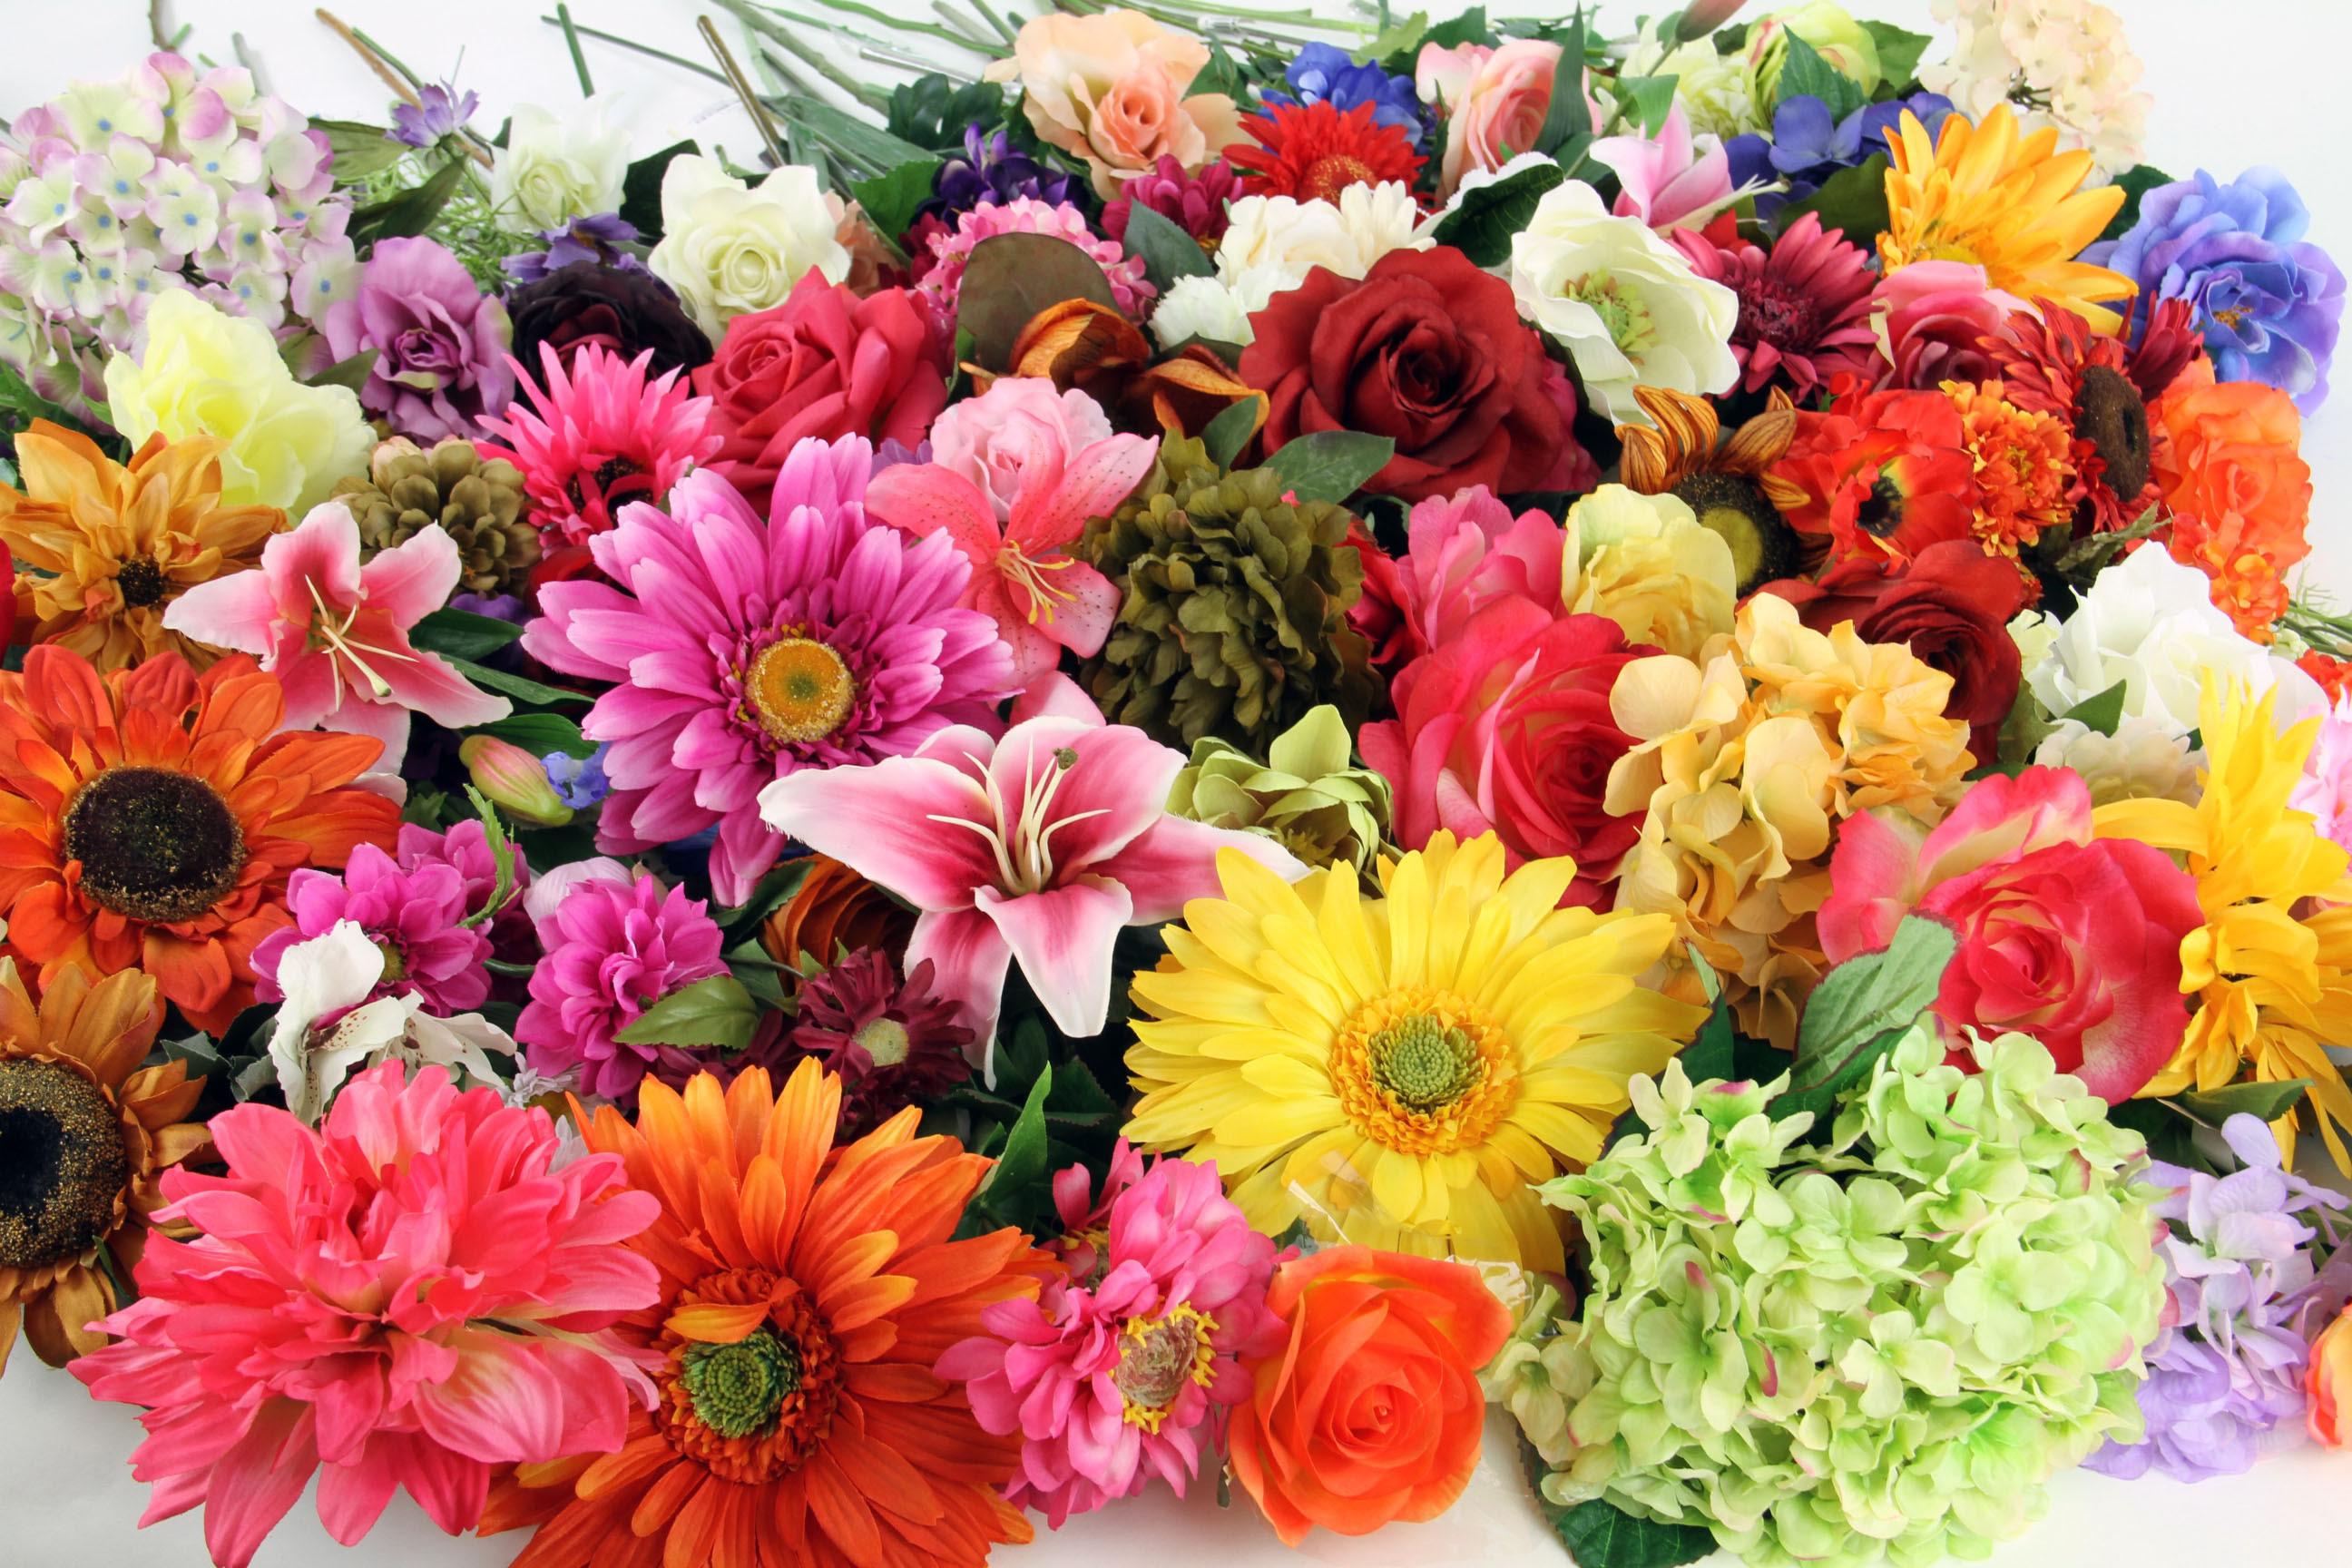 Bildergebnis für flowers in june